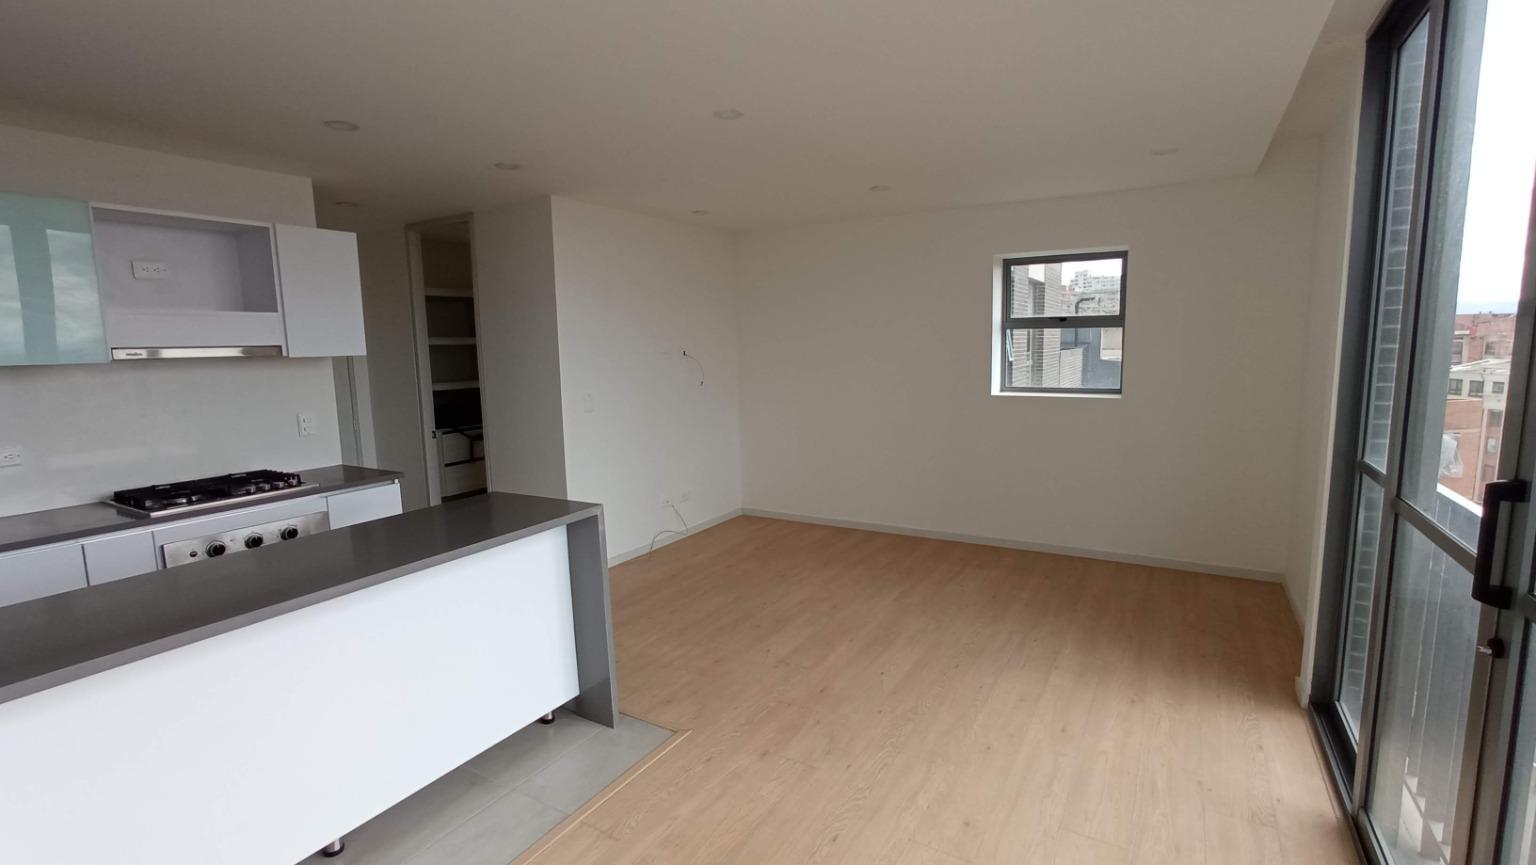 Apartamento en Bosque Calderon 14189, foto 3